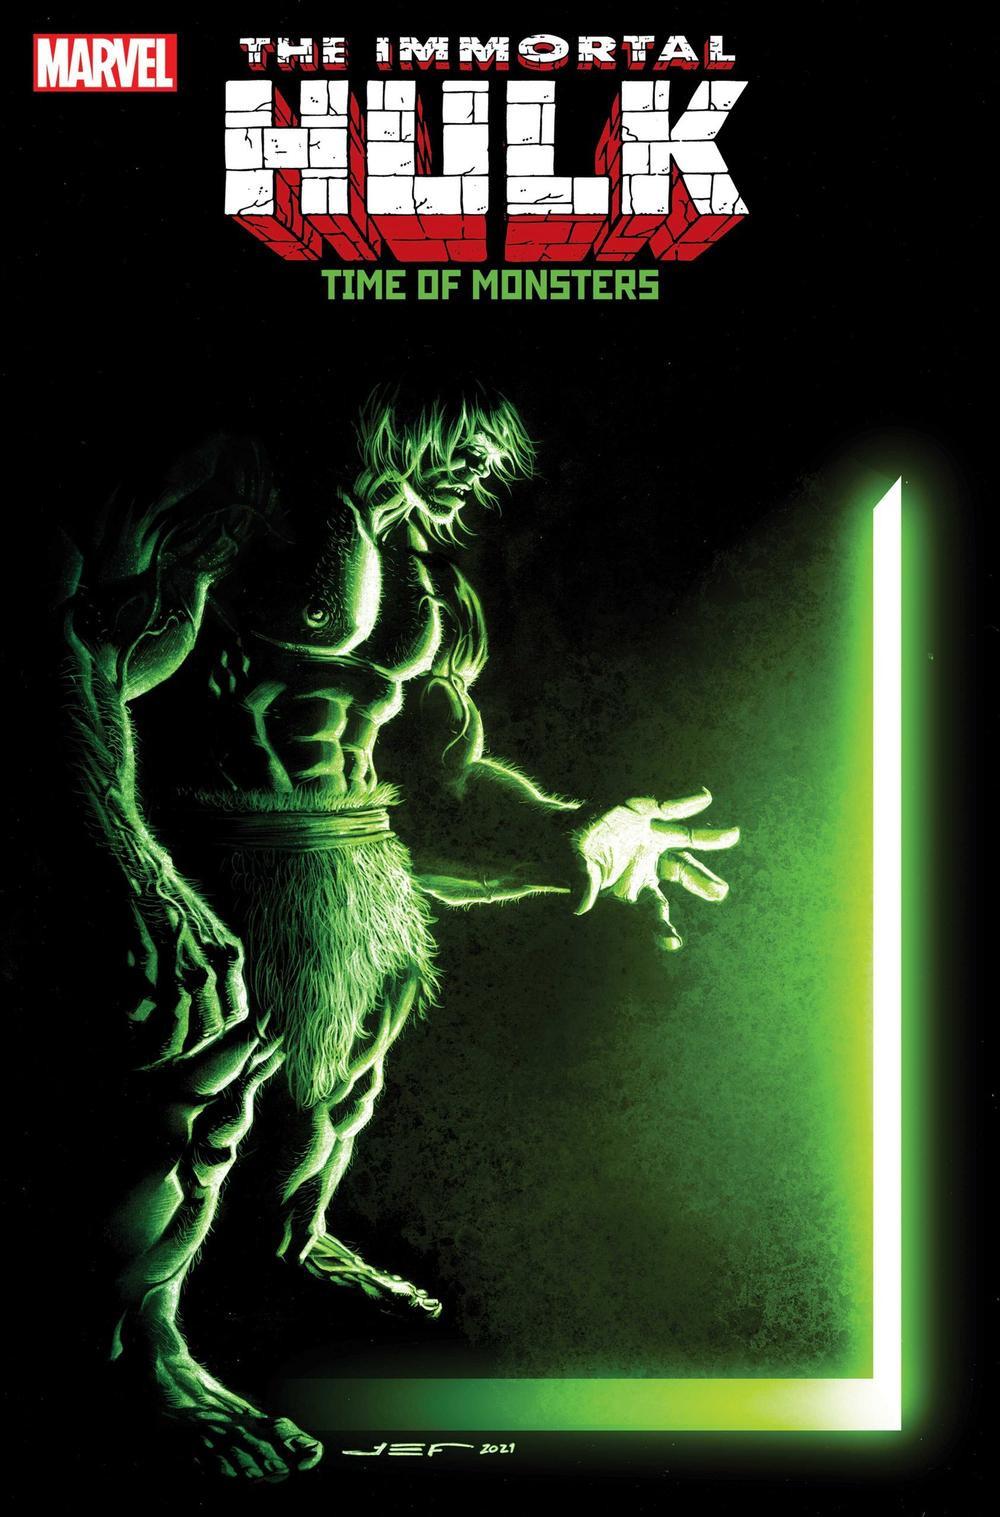 Marvel: Bruce Banner không phải Hulk đầu tiên, tại sao lại thế? Ảnh 1